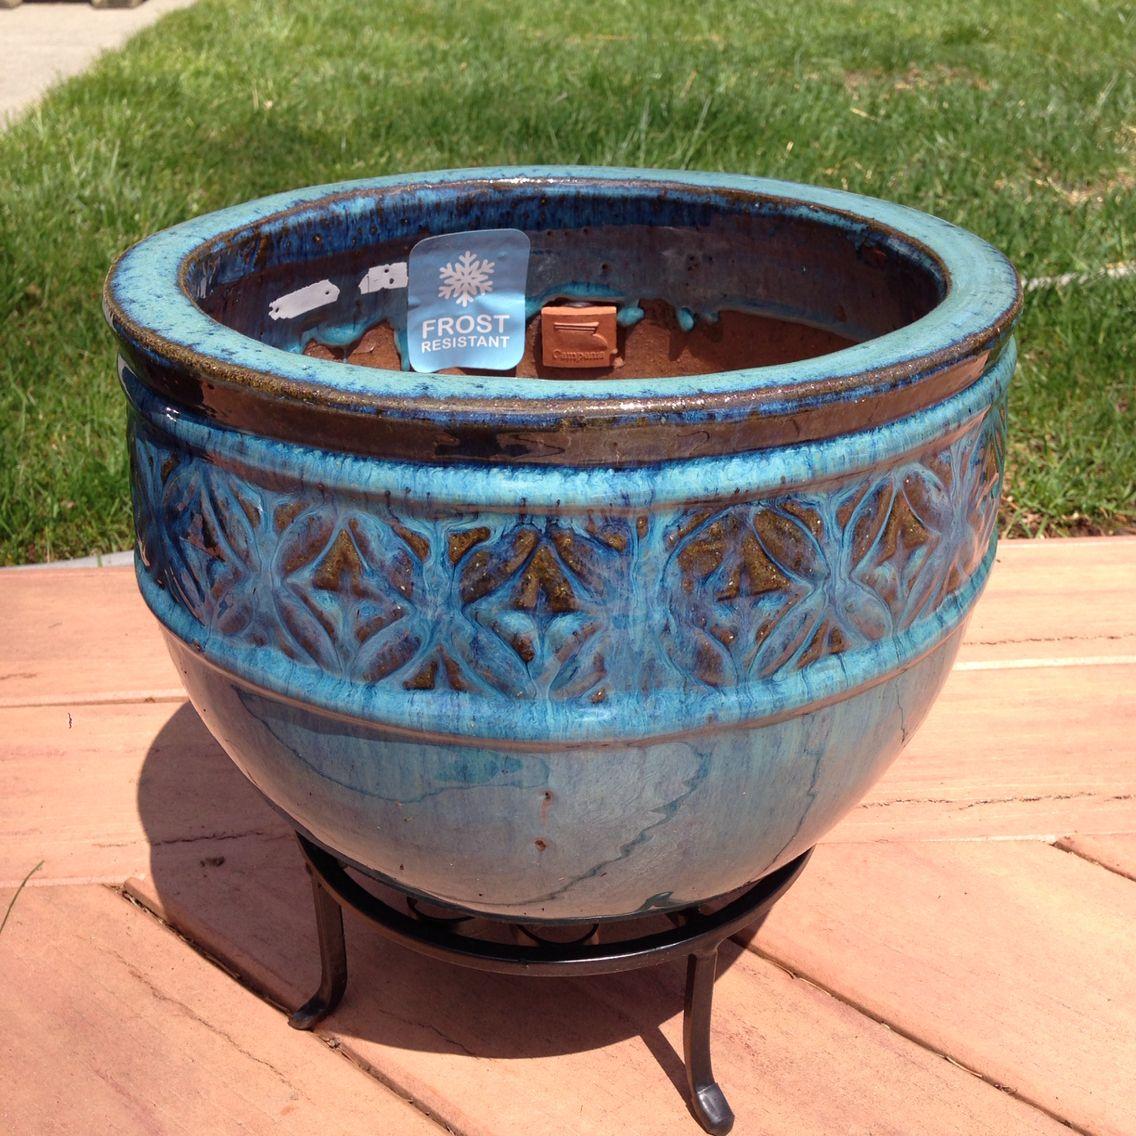 campania planter from home goods 16 99 planter pinterest planters rh pinterest com home goods planters home goods planters